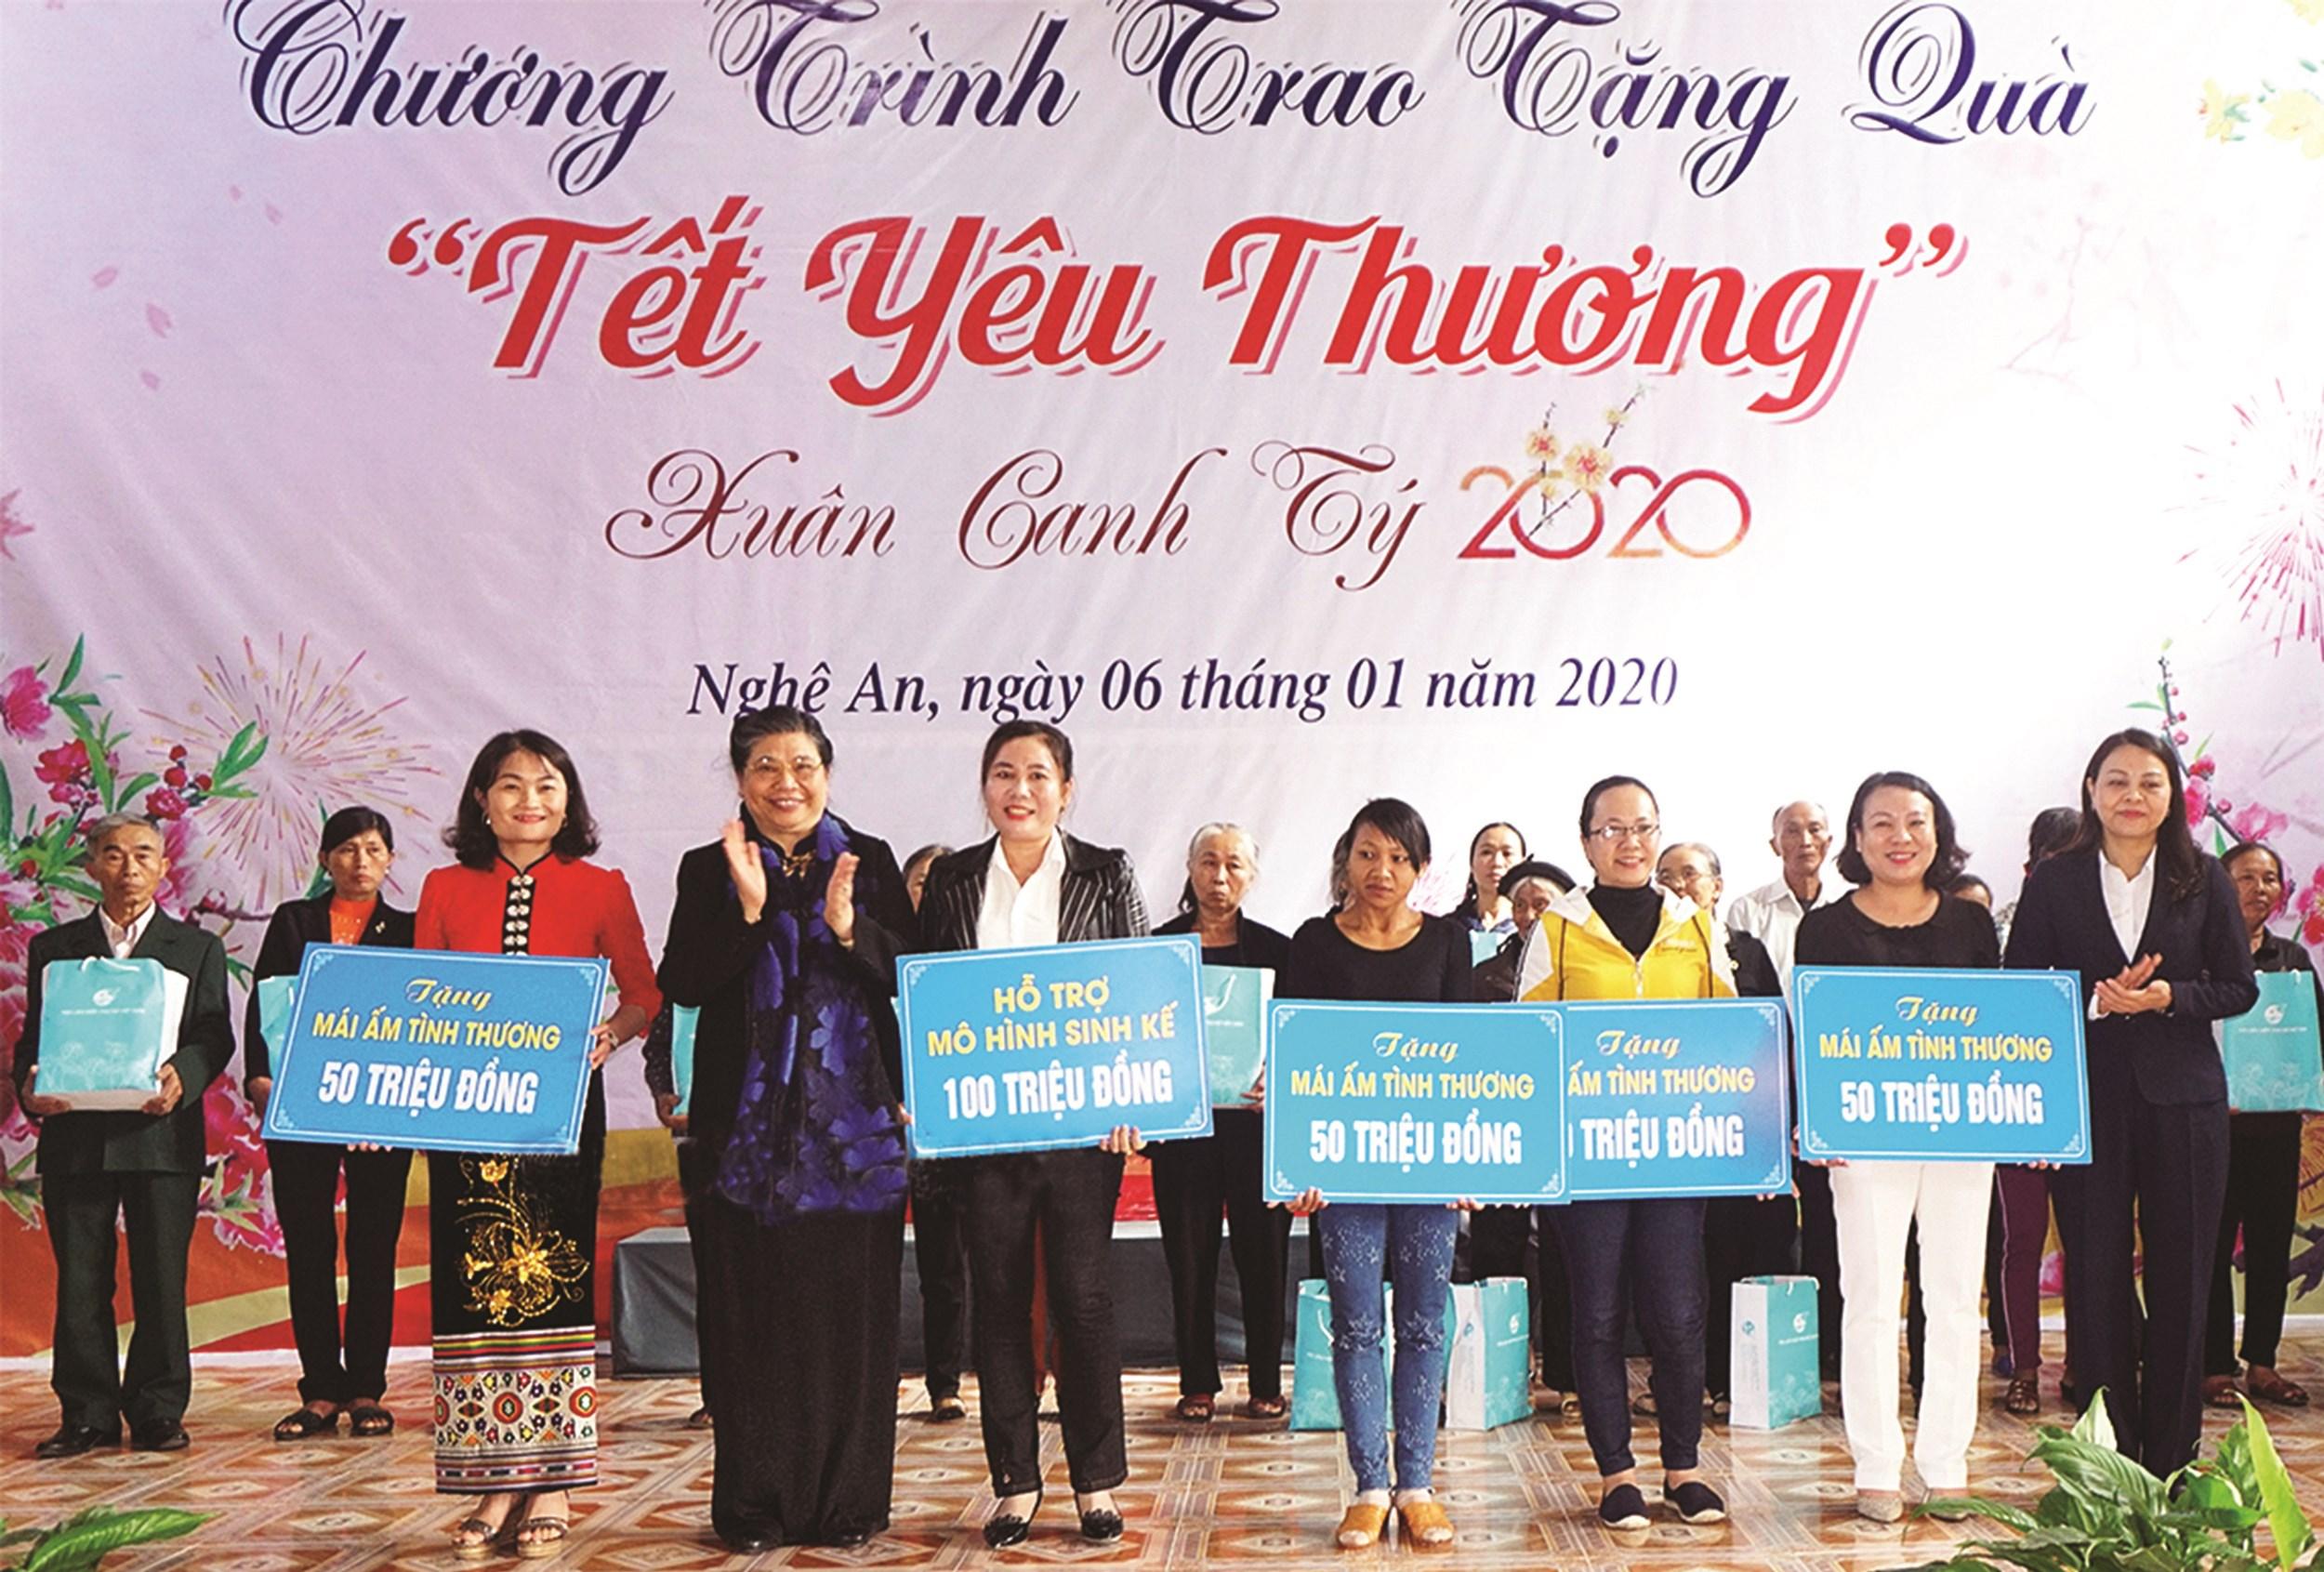 Phó Chủ tịch Thường trực Quốc hội Tòng Thị Phóng tặng quà các tổ chức, các đối tượng chính sách